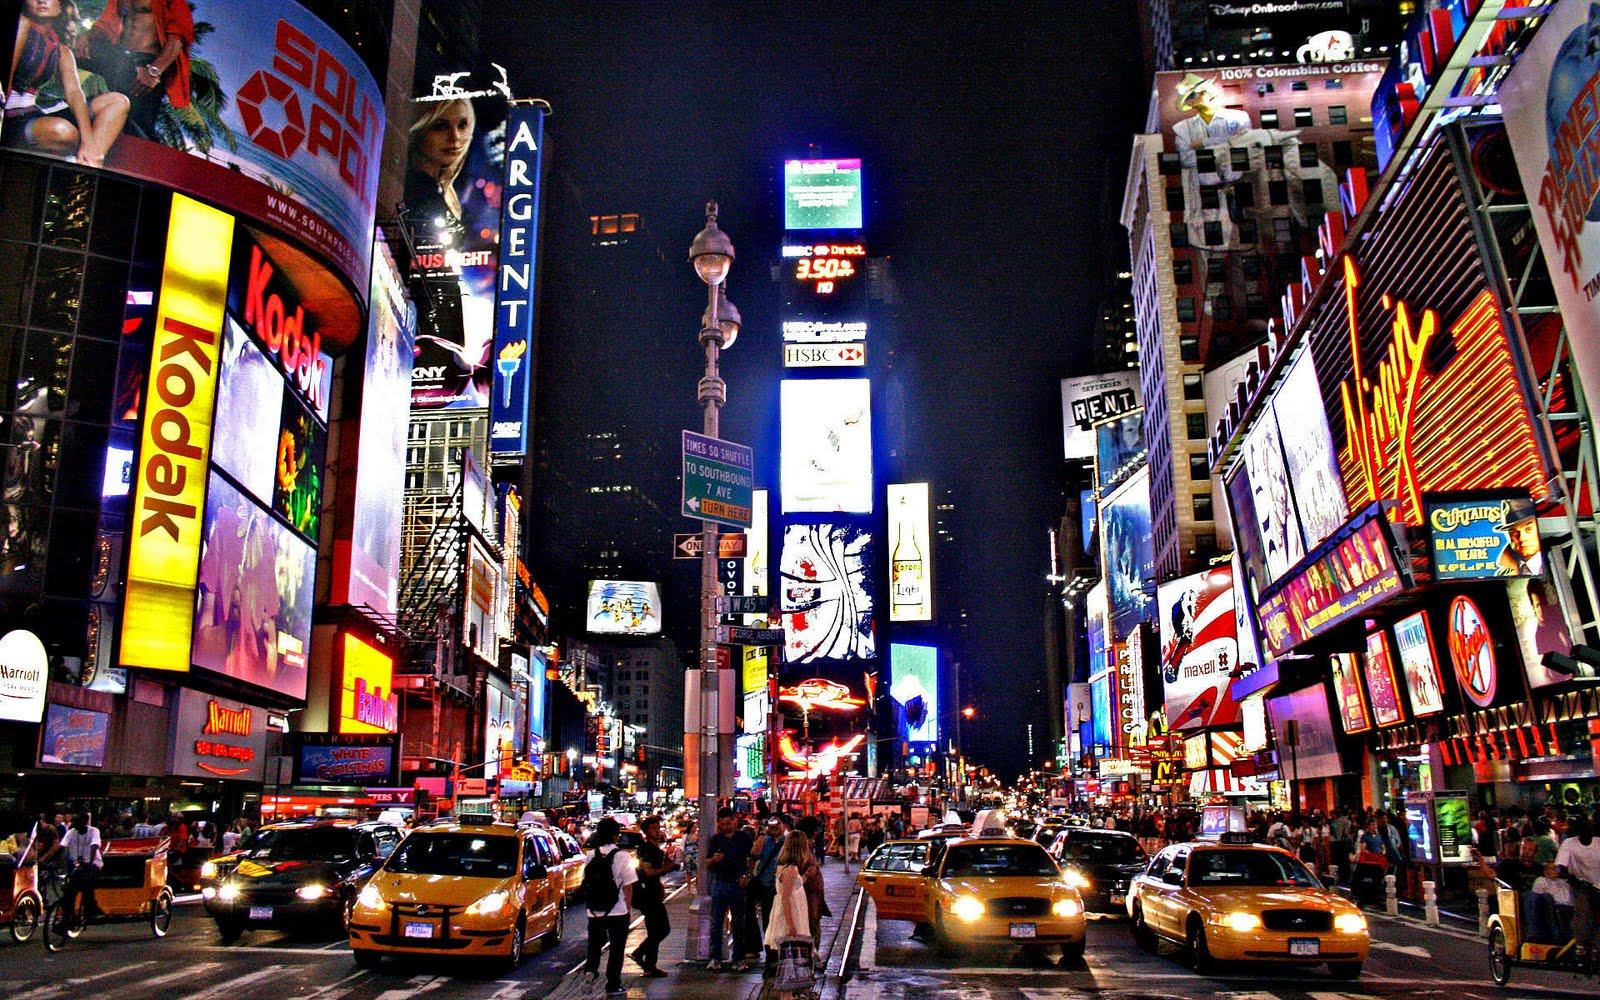 Download New York City Desktop Wallpaper 1600x1000